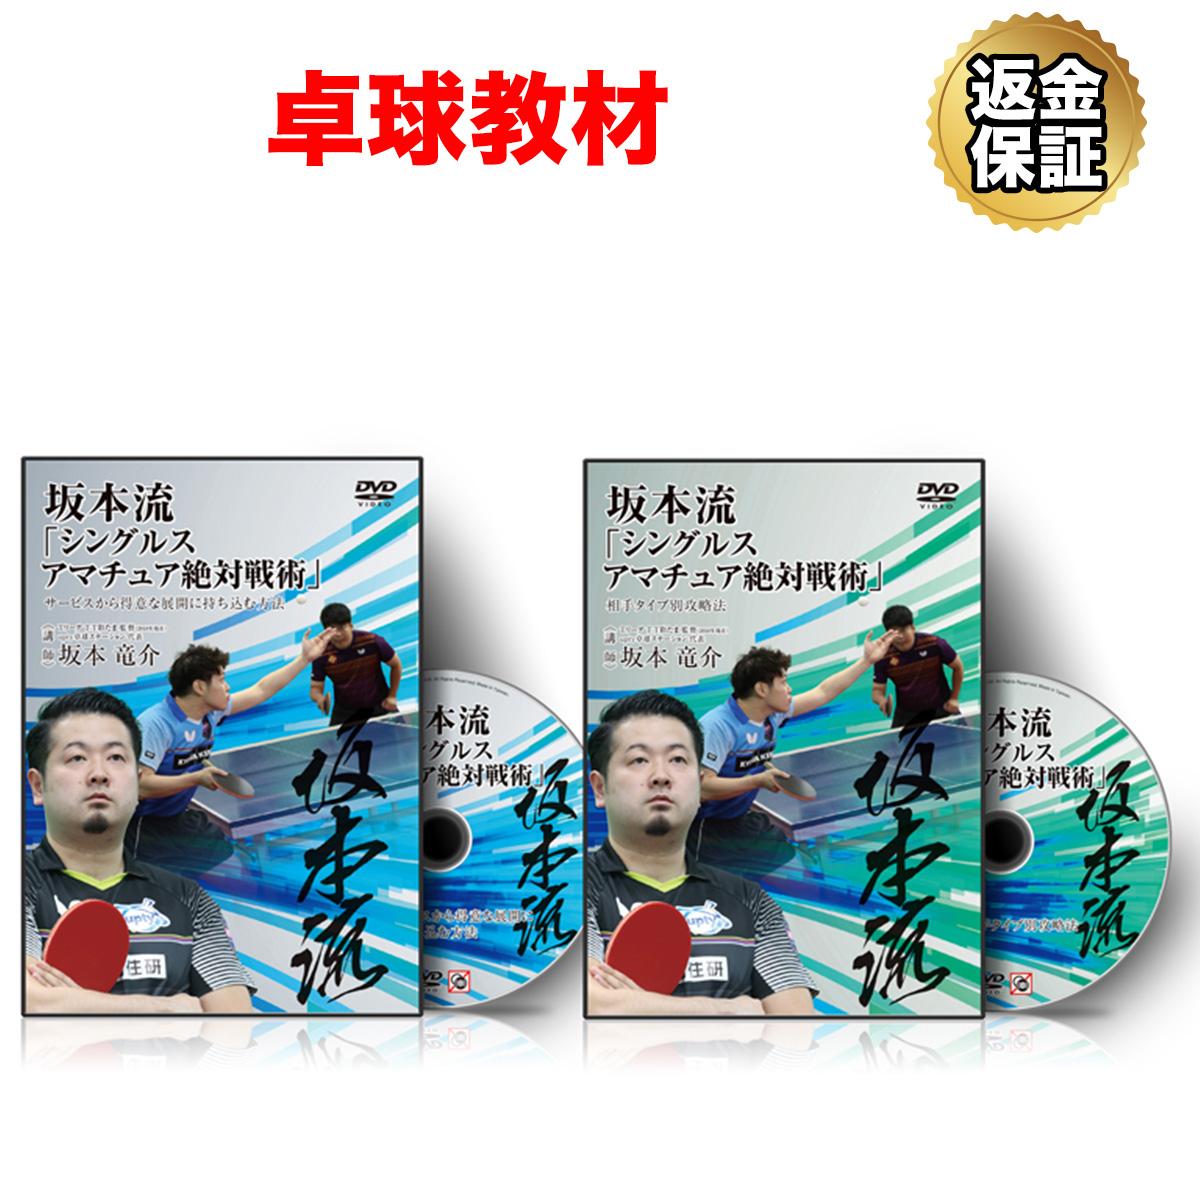 【卓球】坂本流「シングルス アマチュア絶対戦術」